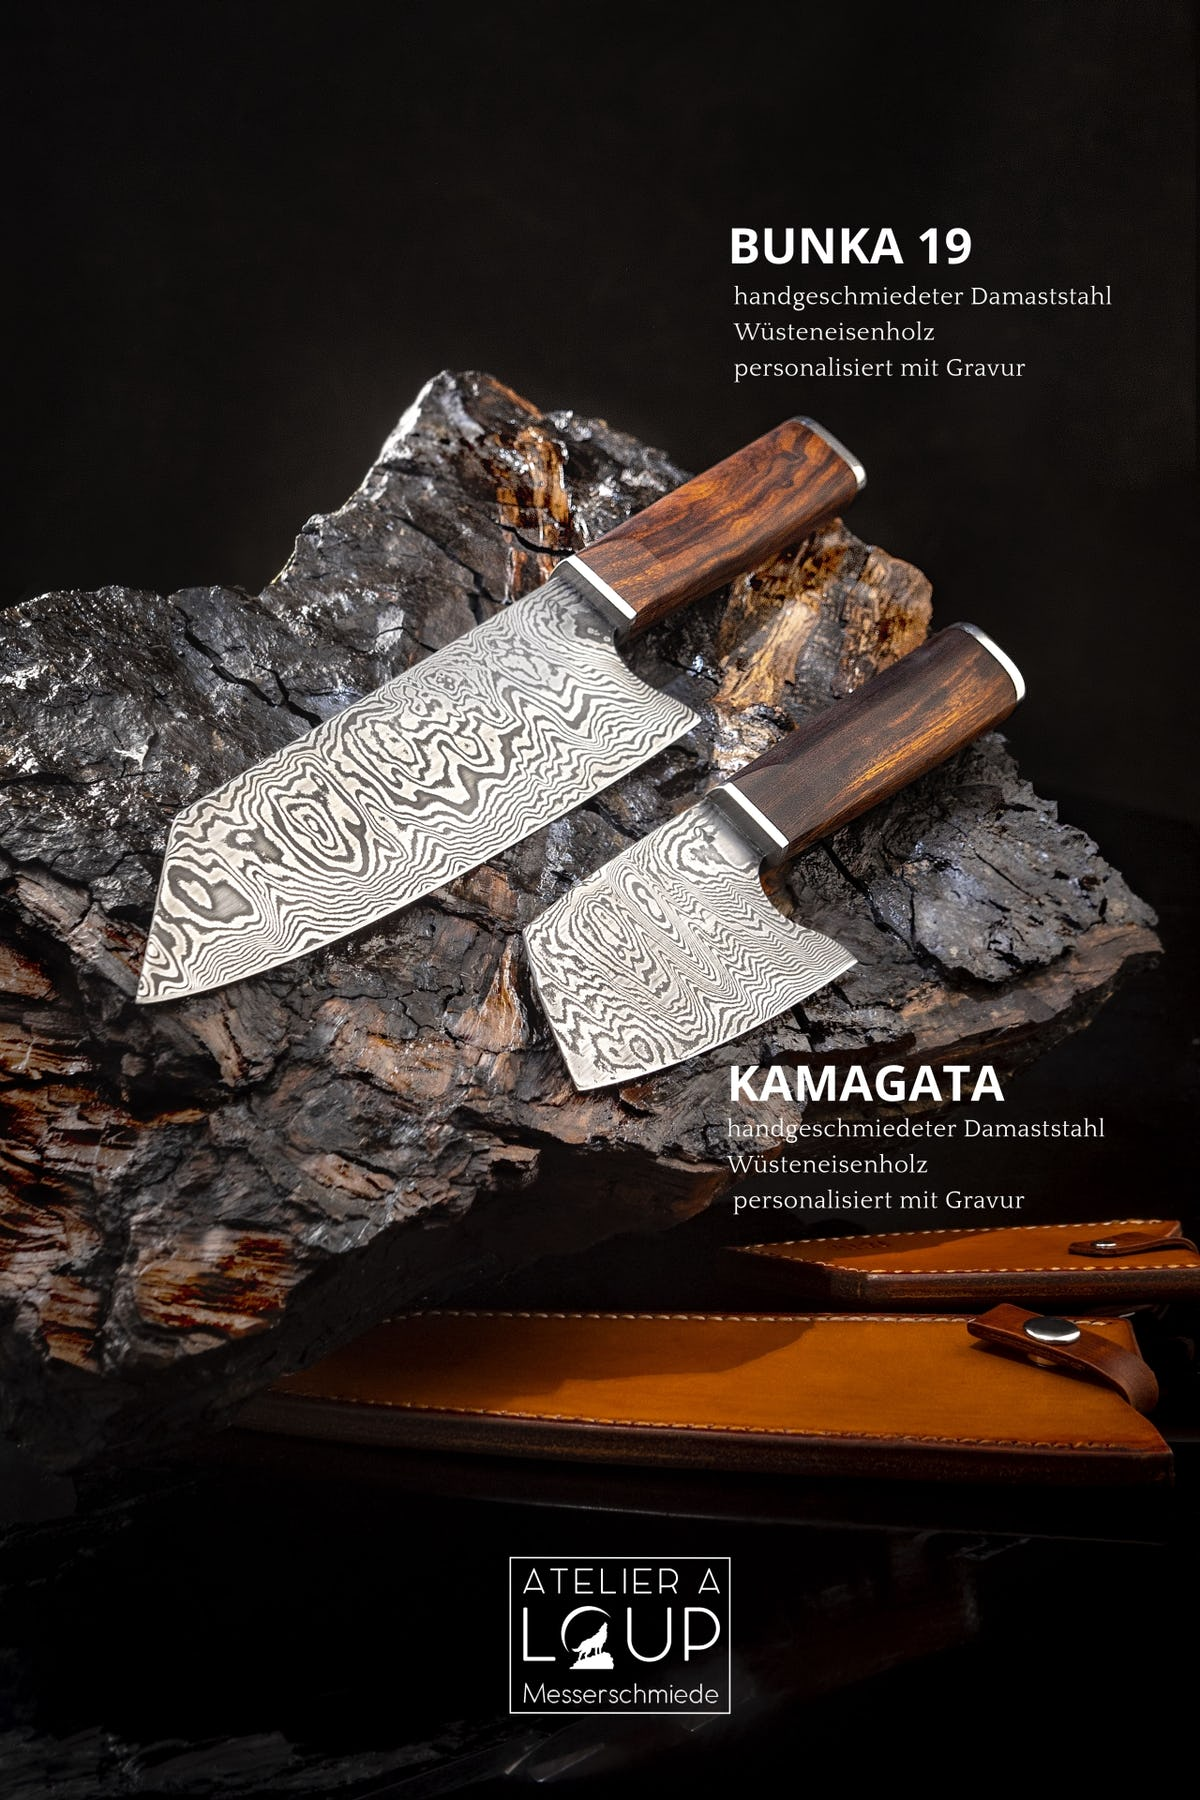 Atelier a loup - Bunka 19 Kamagata